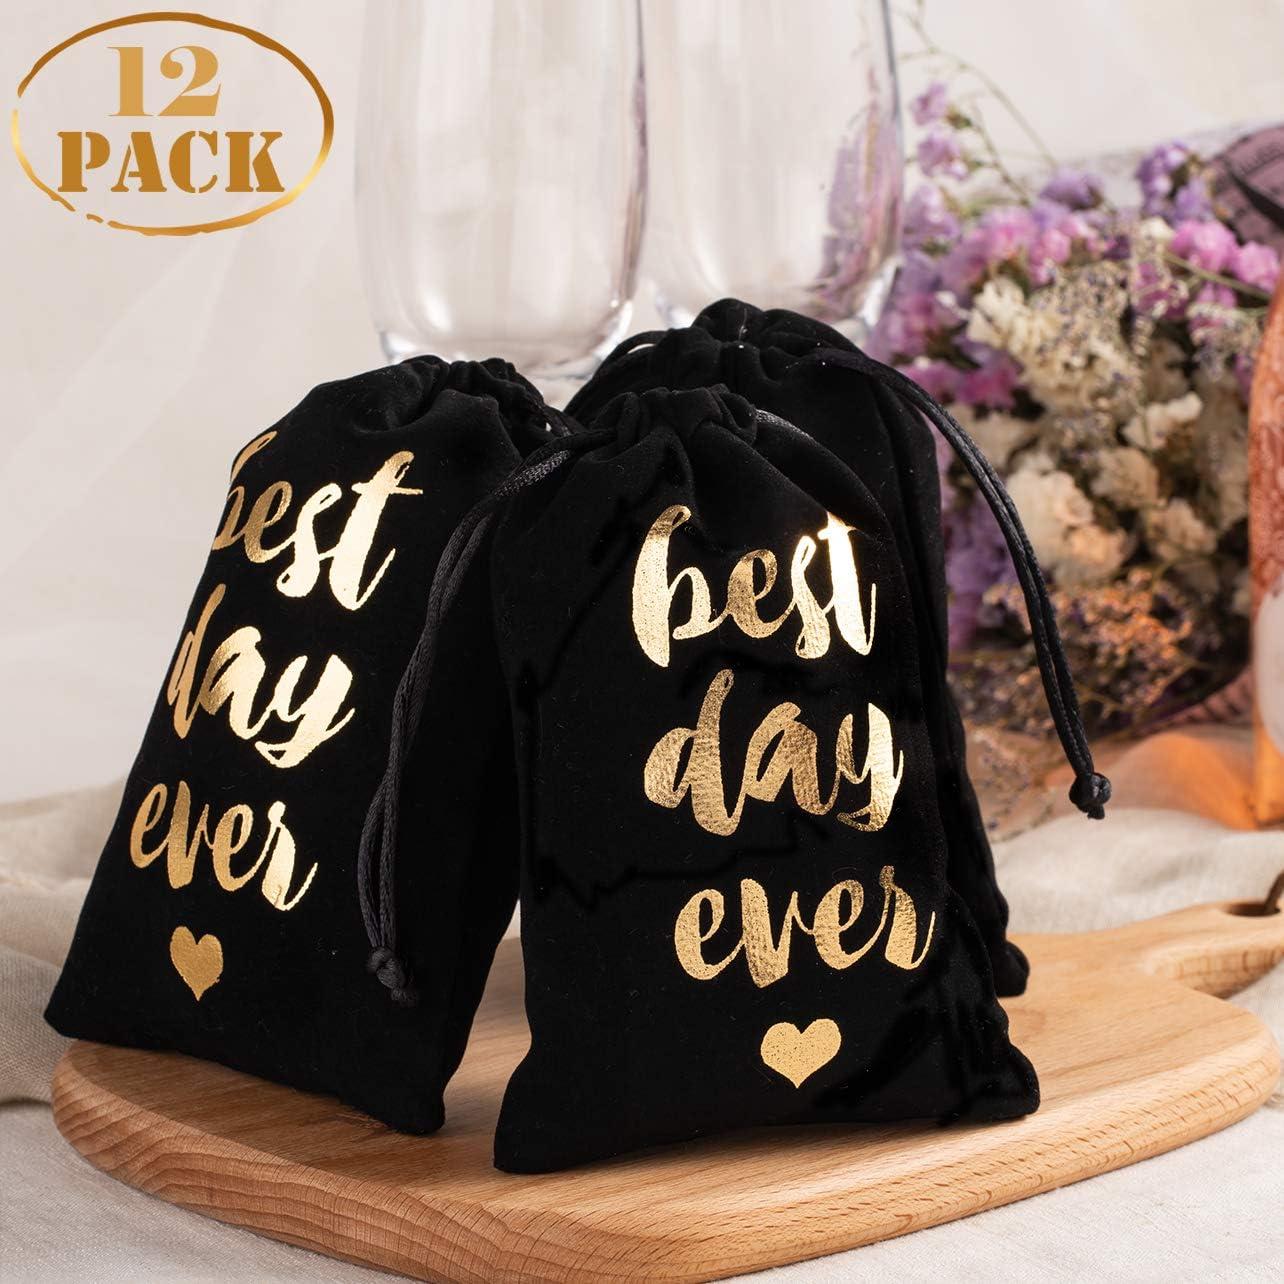 Whaline - 12 bolsas de terciopelo para despedida de soltera con cordón para decoración de bodas, fiestas, bodas, fiestas, damas de honor, fiestas, bodas, fiestas o regalos de boda, 10 x 15 cm